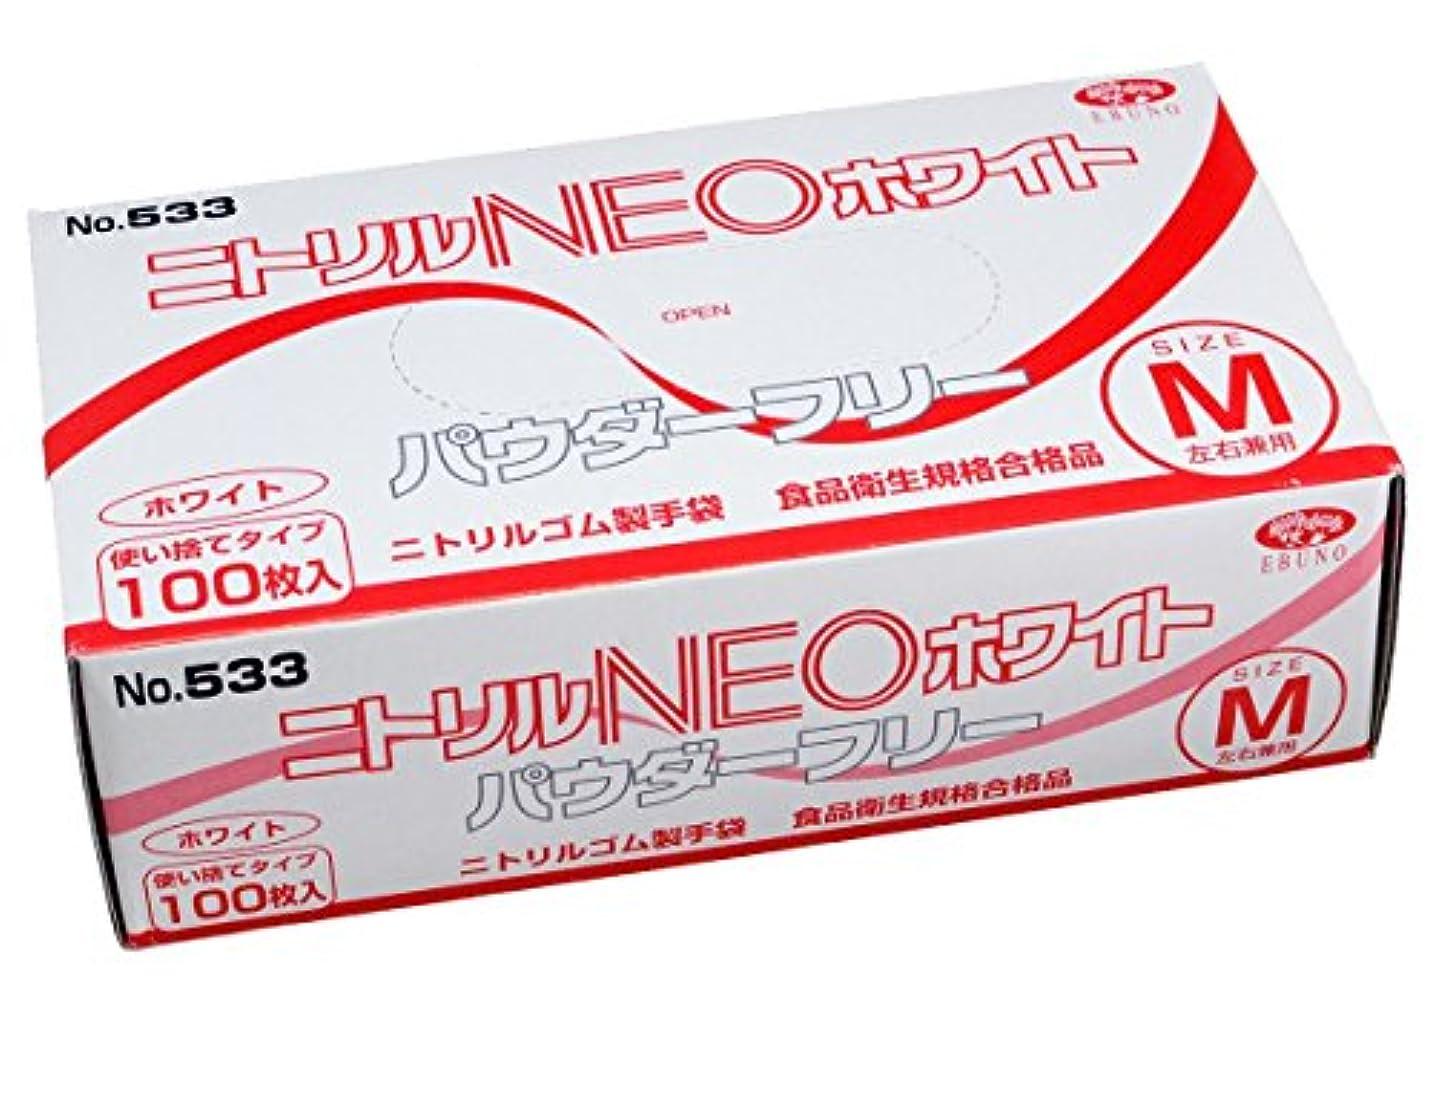 構想する単なる愚か使い捨て手袋 ニトリル NEO ホワイト パウダーフリー 手袋 M